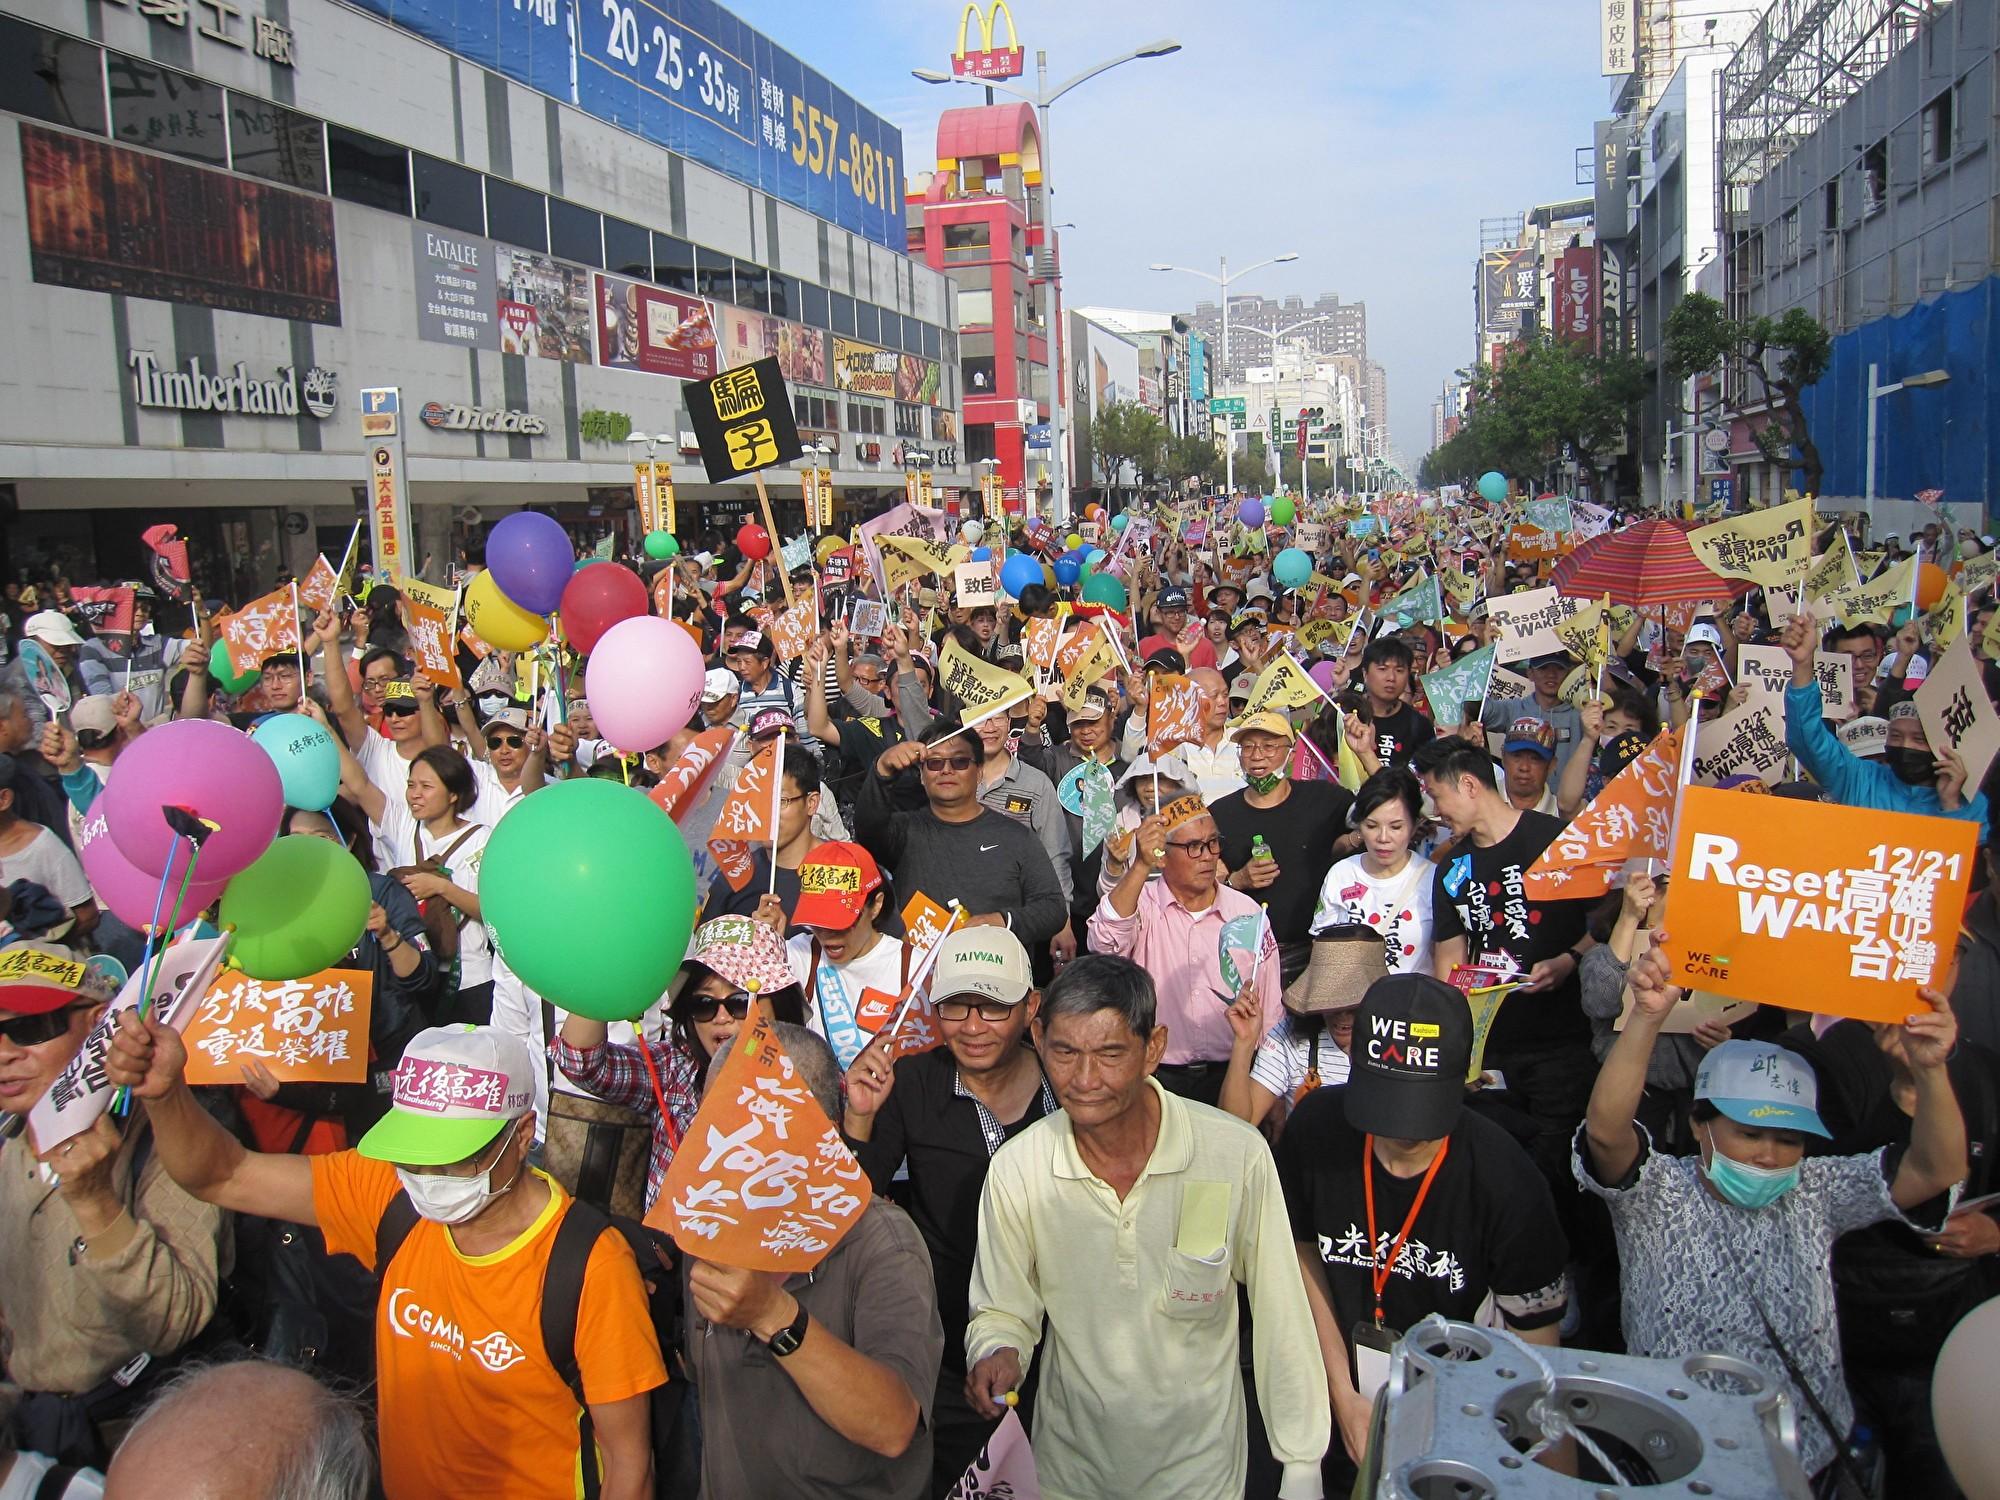 罷韓「1221We Care台灣大遊行」九大隊齊聚,遊行人潮幾乎看不到盡頭。(方金媛/大紀元)